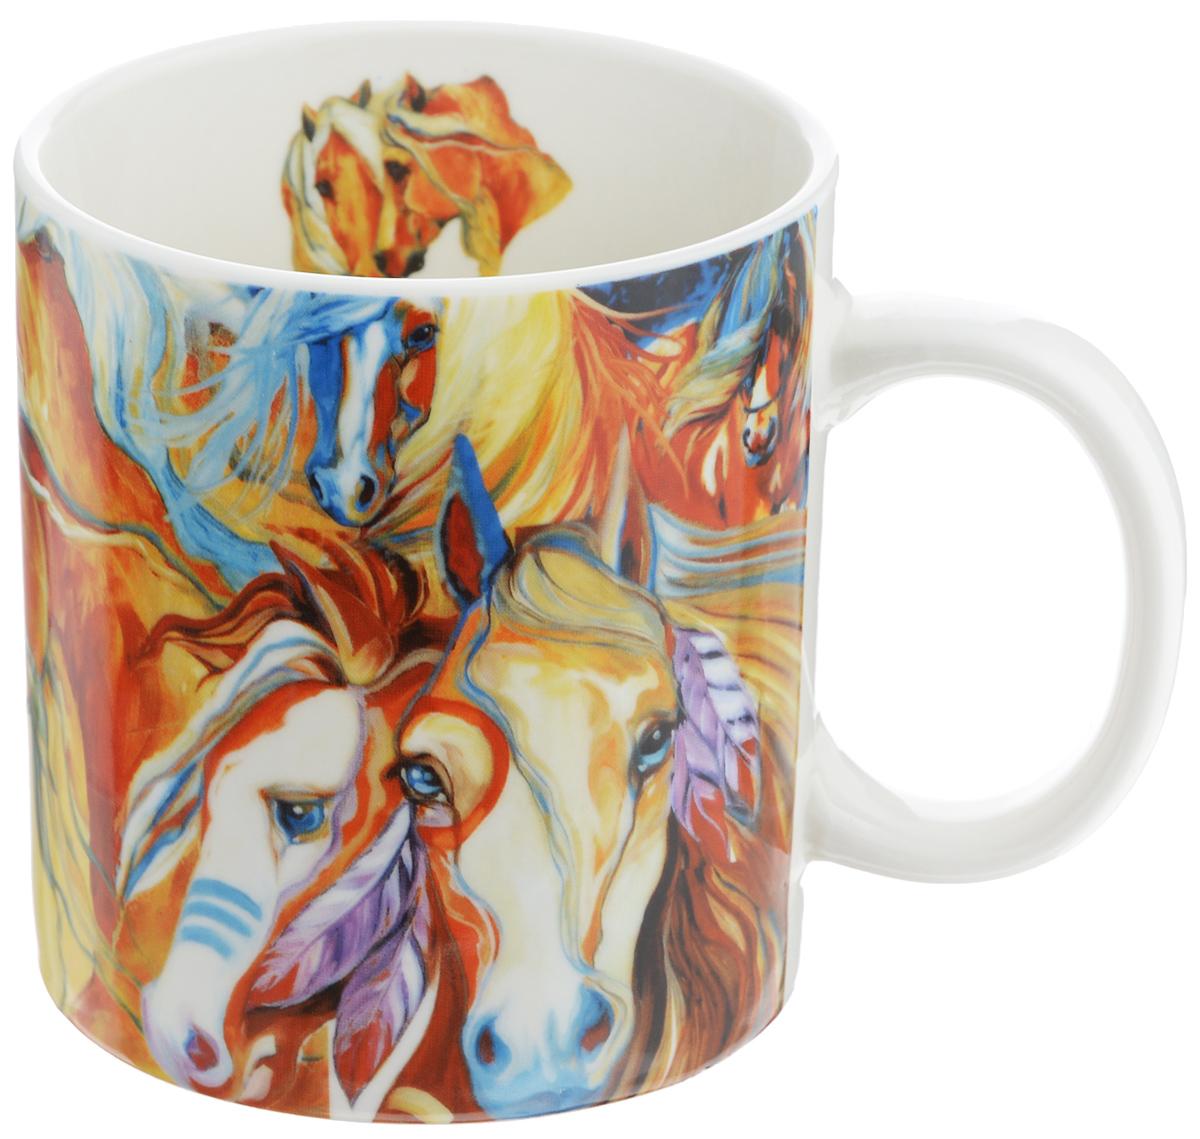 """Кружка GiftLand """"Фантазии о лошадях"""" изготовлена из костяного фарфора и оформлена красочным изображением лошадей.  Оригинальная кружка порадует вас ярким дизайном и станет неизменным атрибутом чаепития. Прекрасно подойдет в качестве сувенира. Диаметр кружки: 10 см. Высота: 11 см. Объем: 700 мл."""